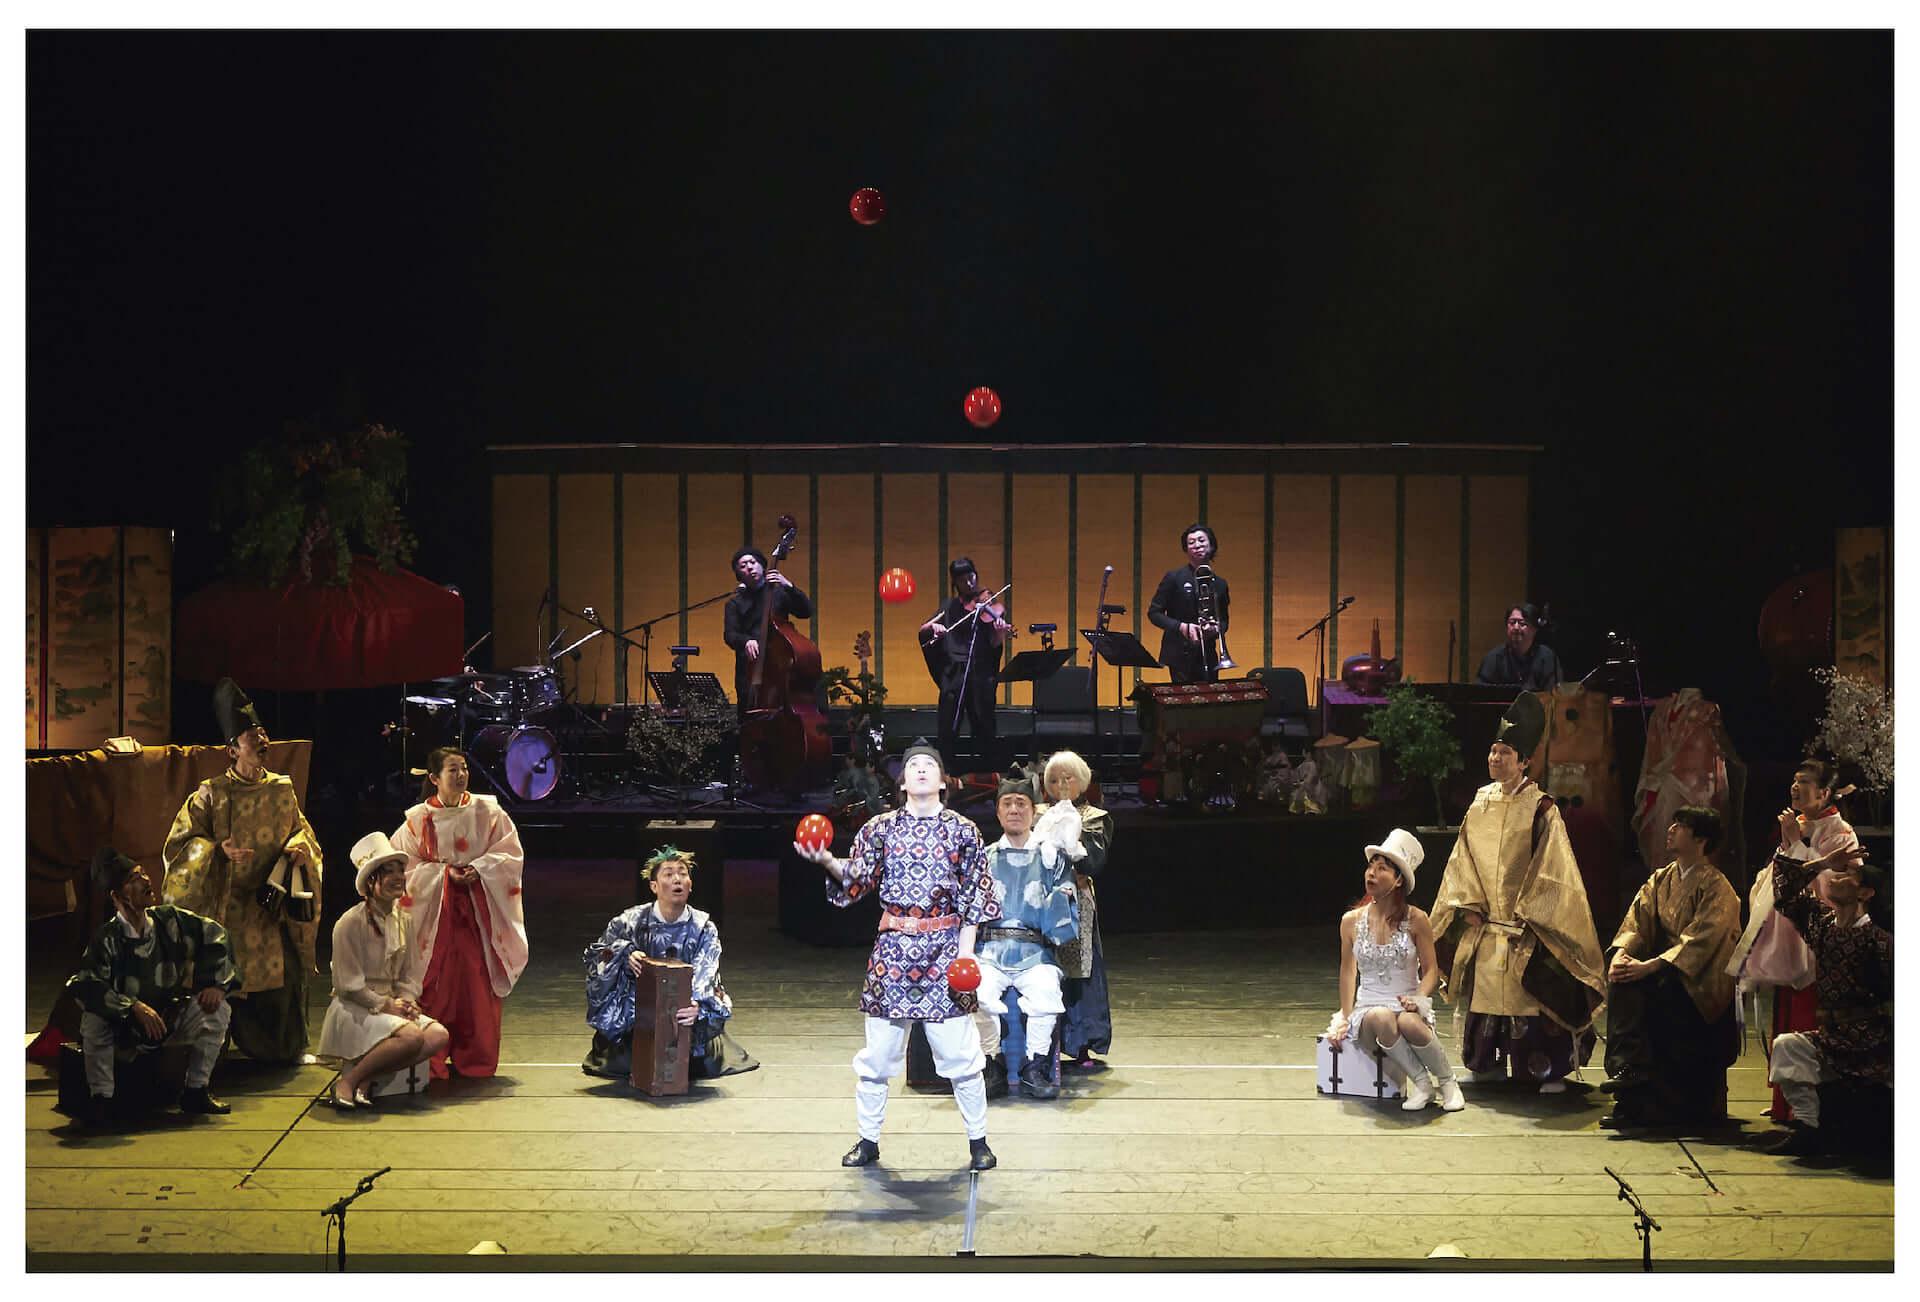 <KYOTO STEAM -世界文化交流祭- 2022 prologue>が開催決定!<MUTEK.JP>とのコラボプロジェクト「NAQUYO」やワークショップなど実施 art210309_kyoto-steam_1-1920x1302